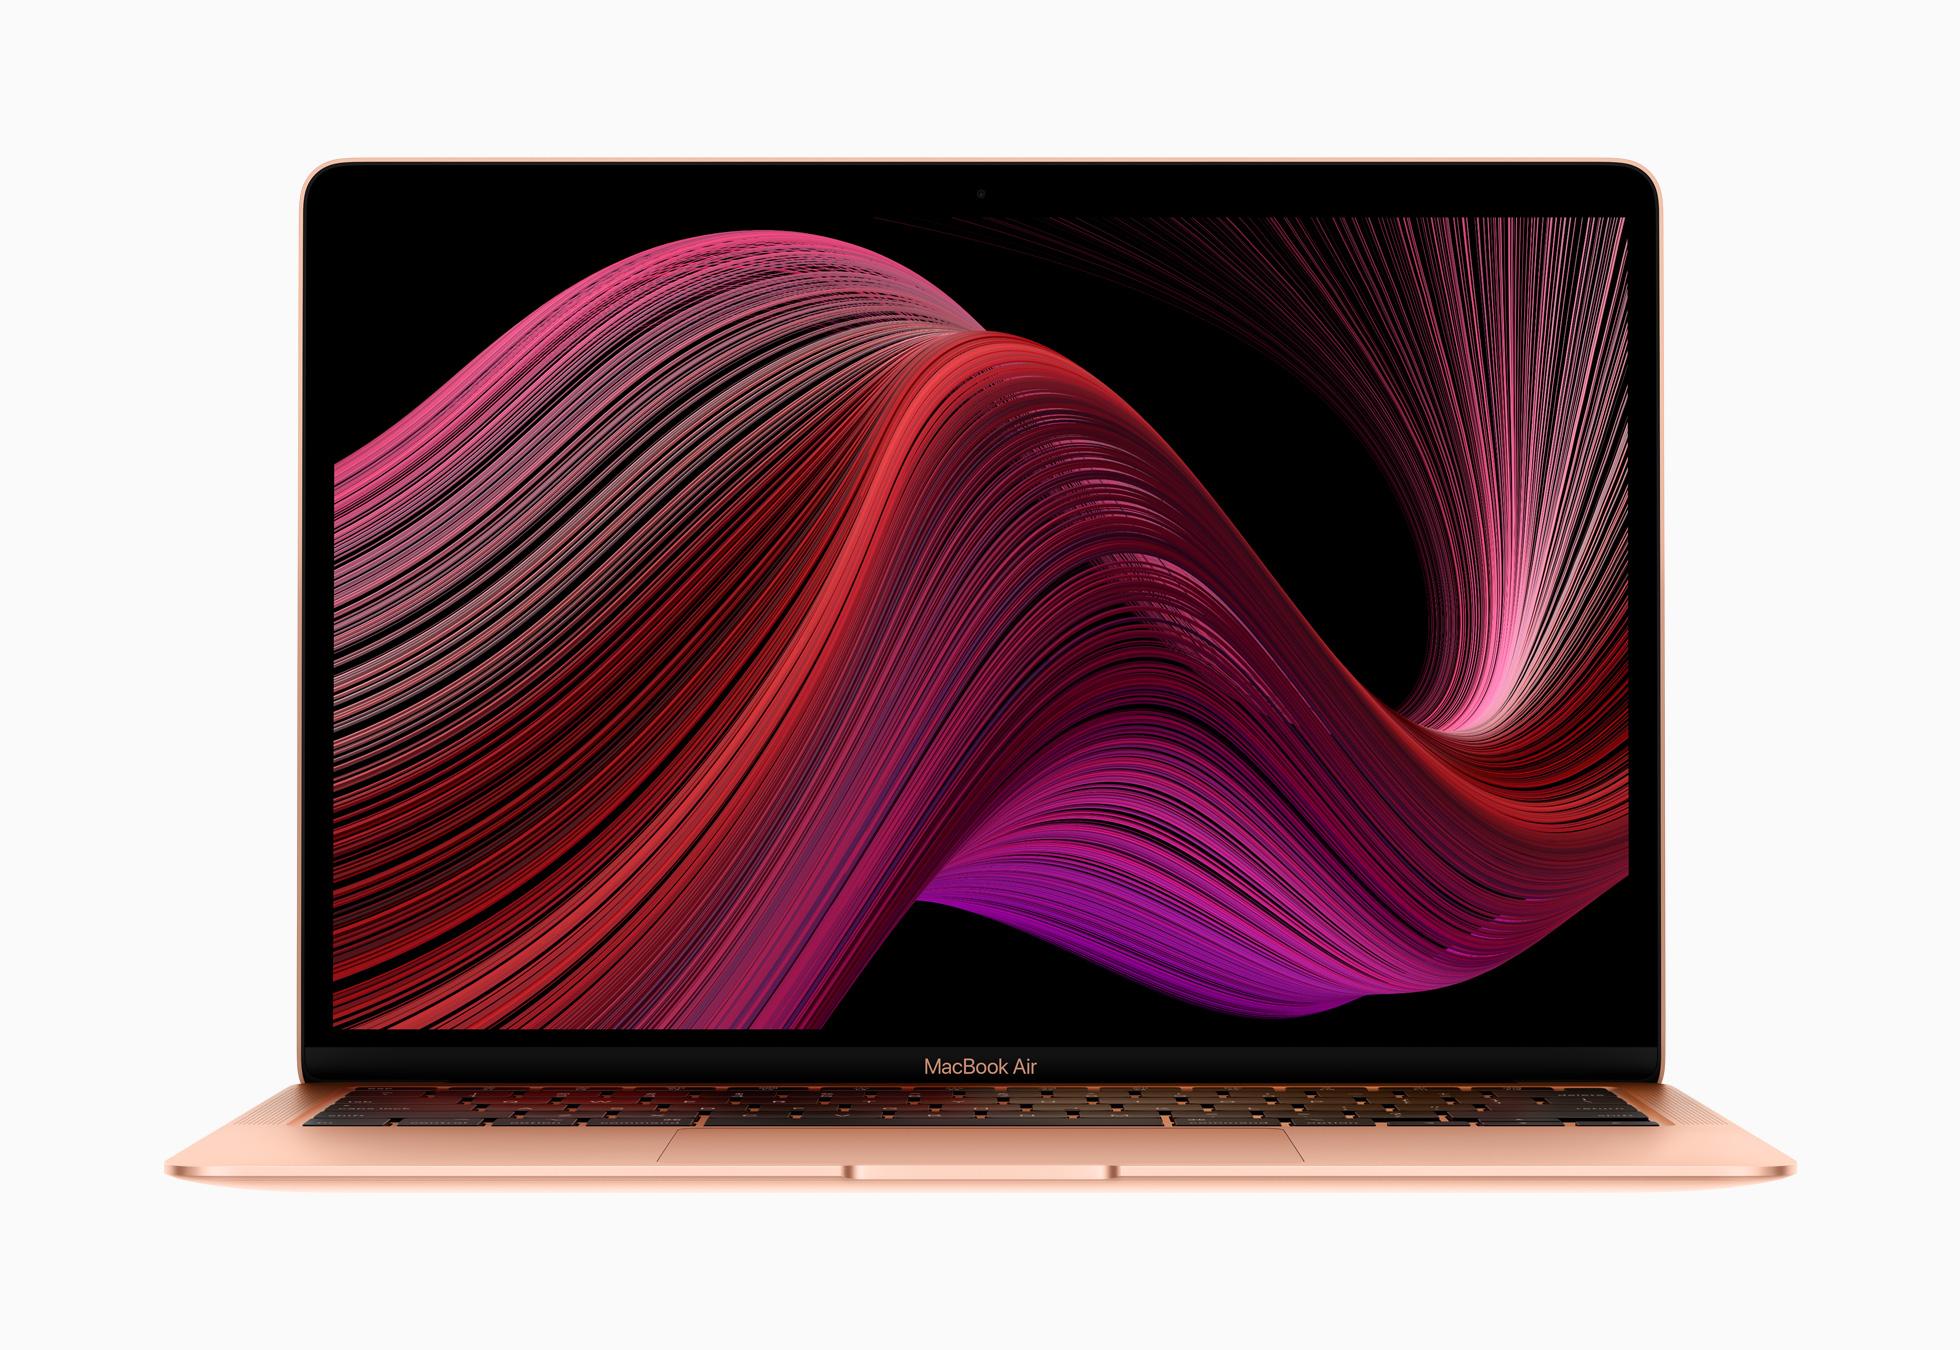 '8GB 메모리+256GB SSD'부터 시작...애플, '성능은 업 가격은 다운' 신형 맥북 에어 출시